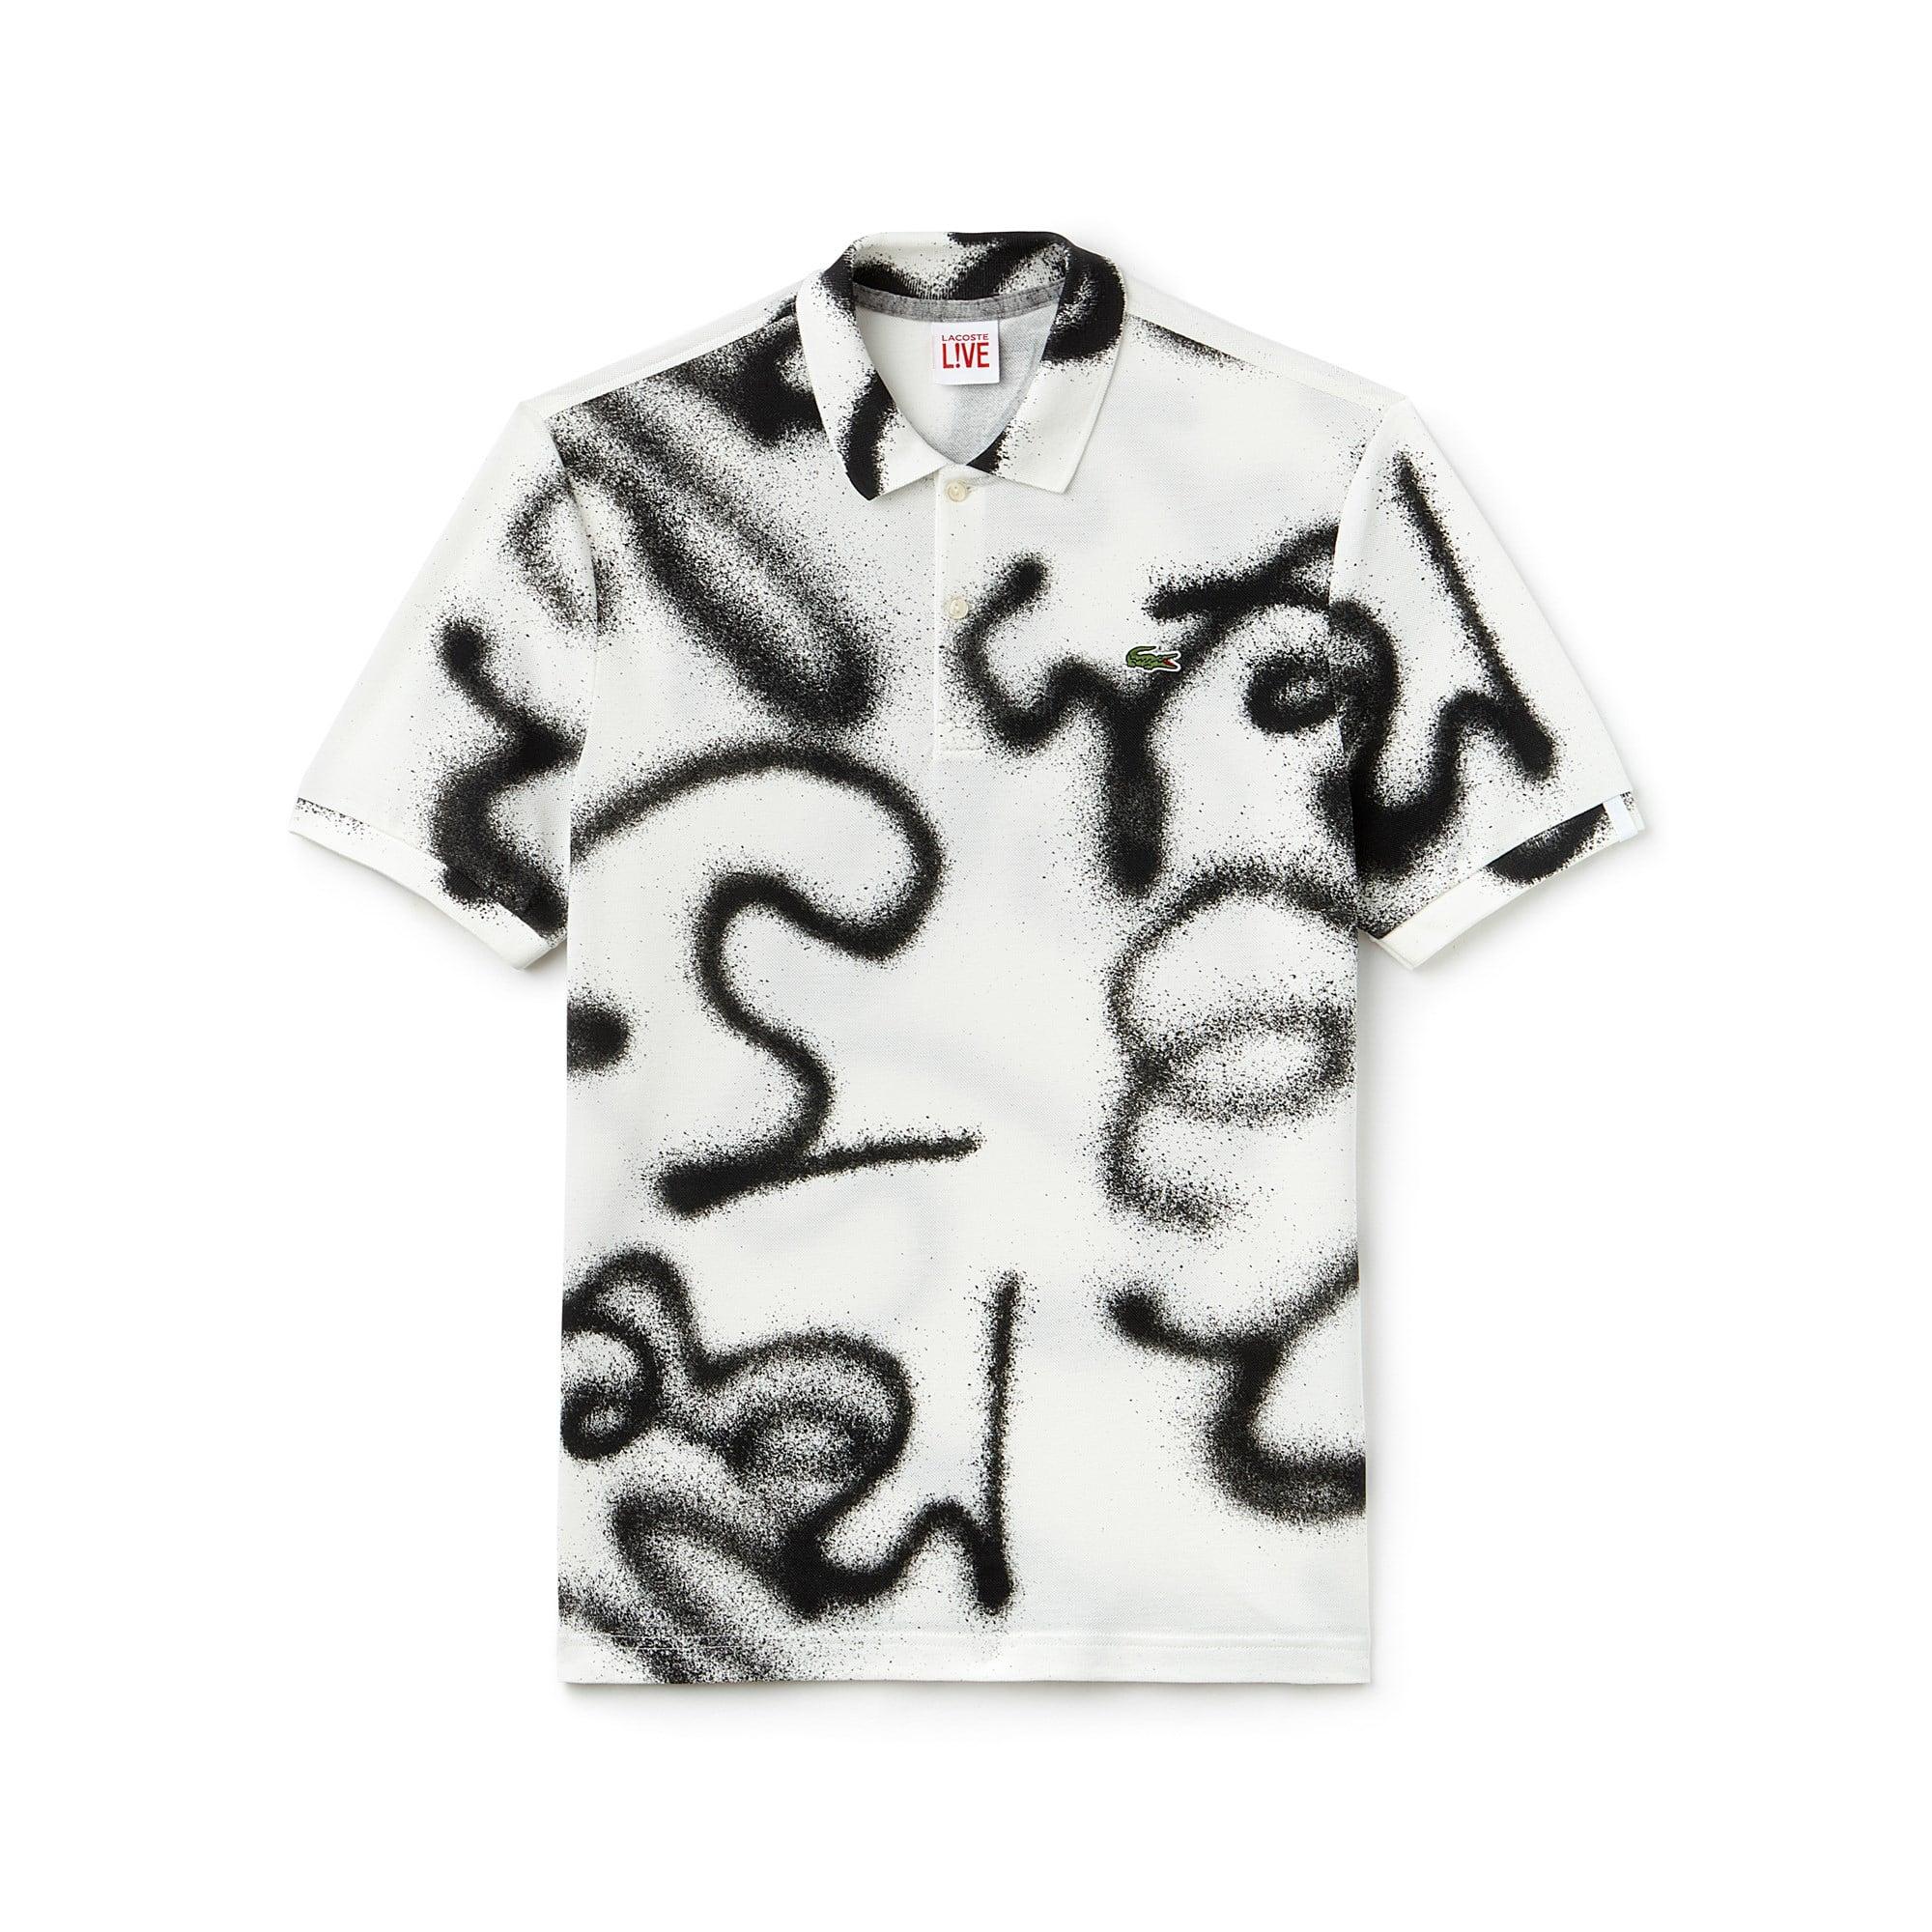 Polo regular fit Lacoste LIVE en mini piqué imprimé graffitis